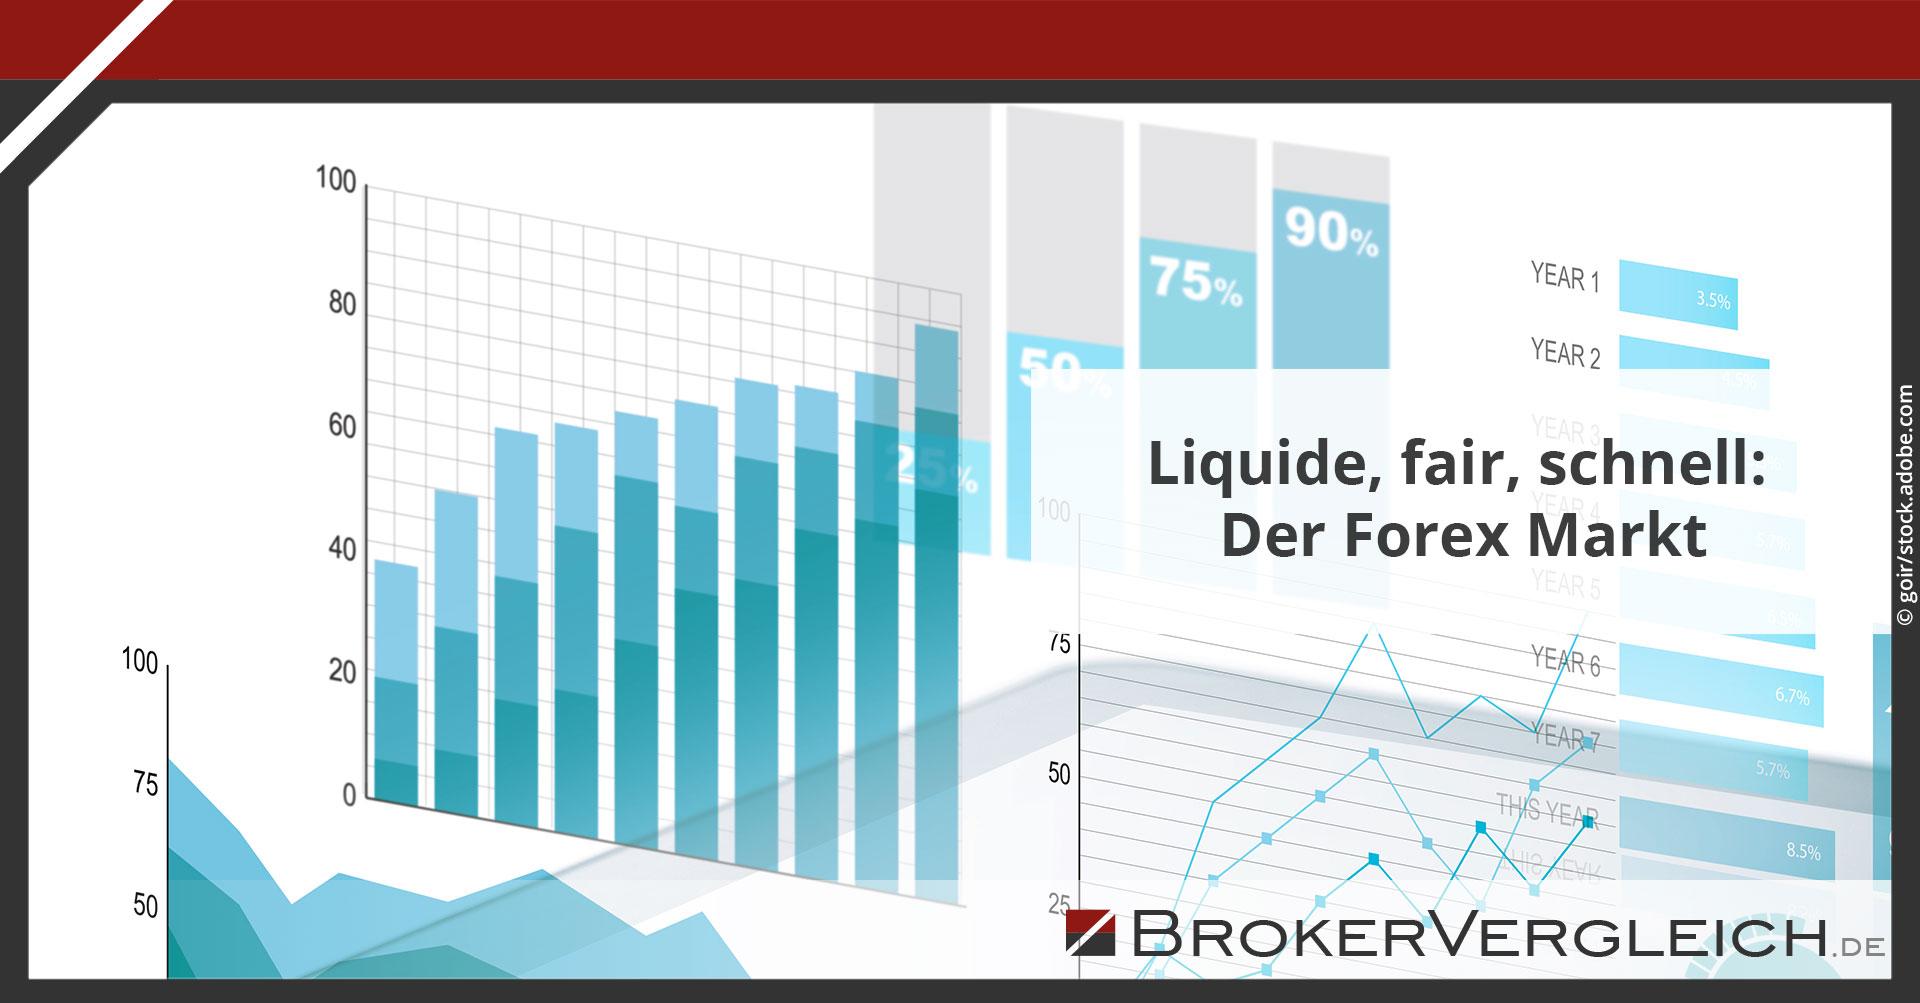 Zum Beitrag - Liquide, fair, schnell: Der Forex Markt